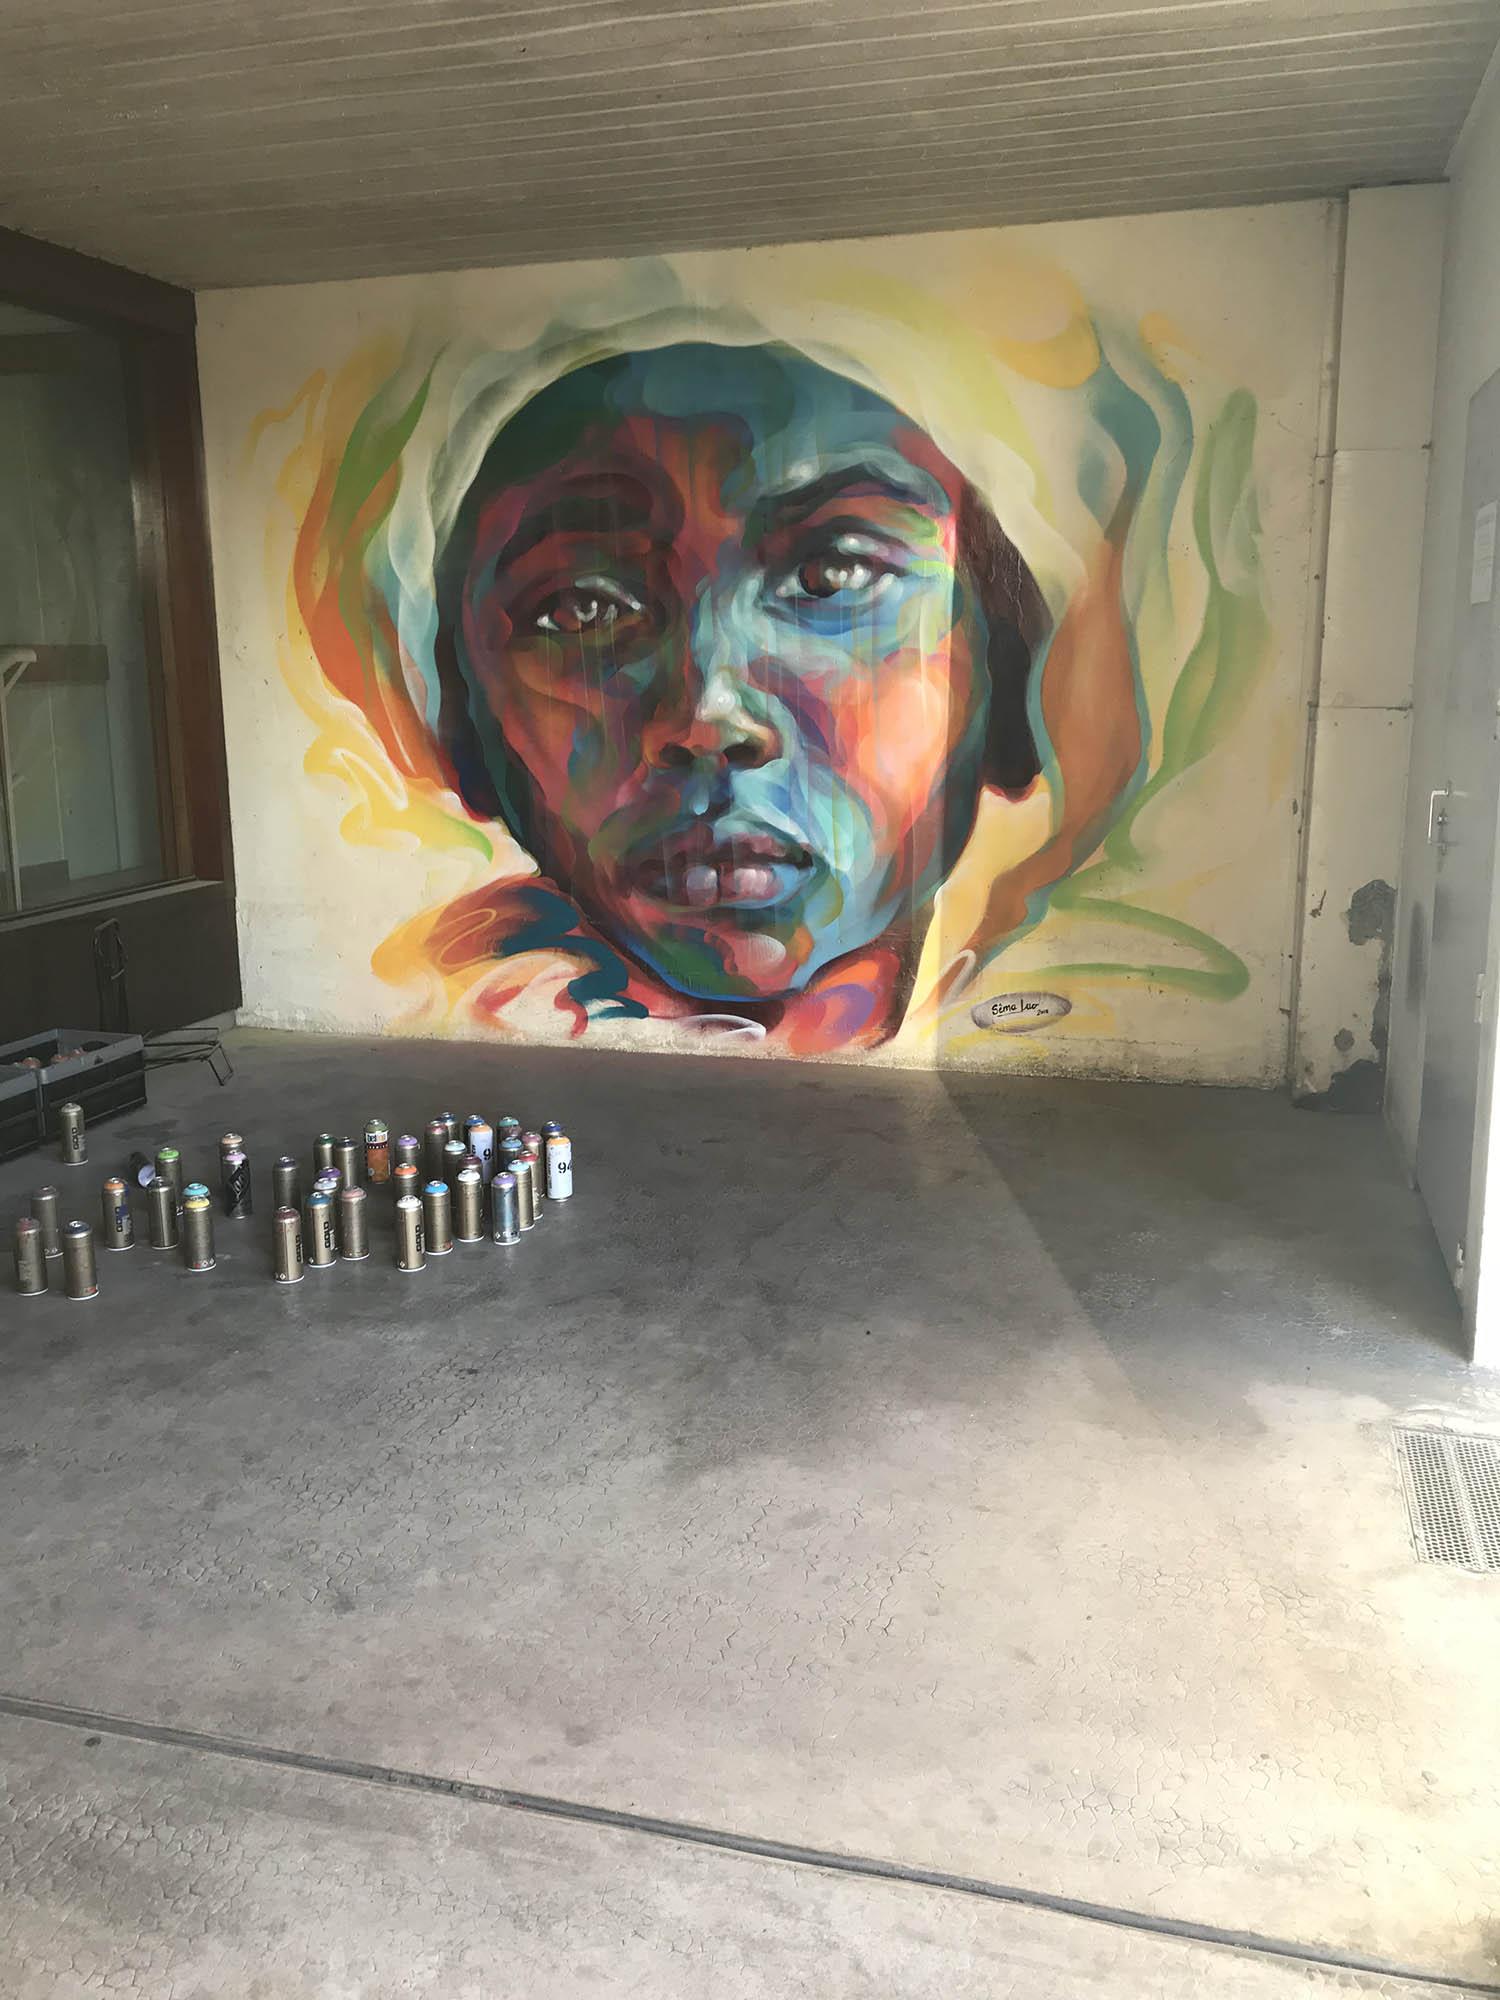 fresque murale réalisée par Sema Lao rue du Bourbonnais à Rennes